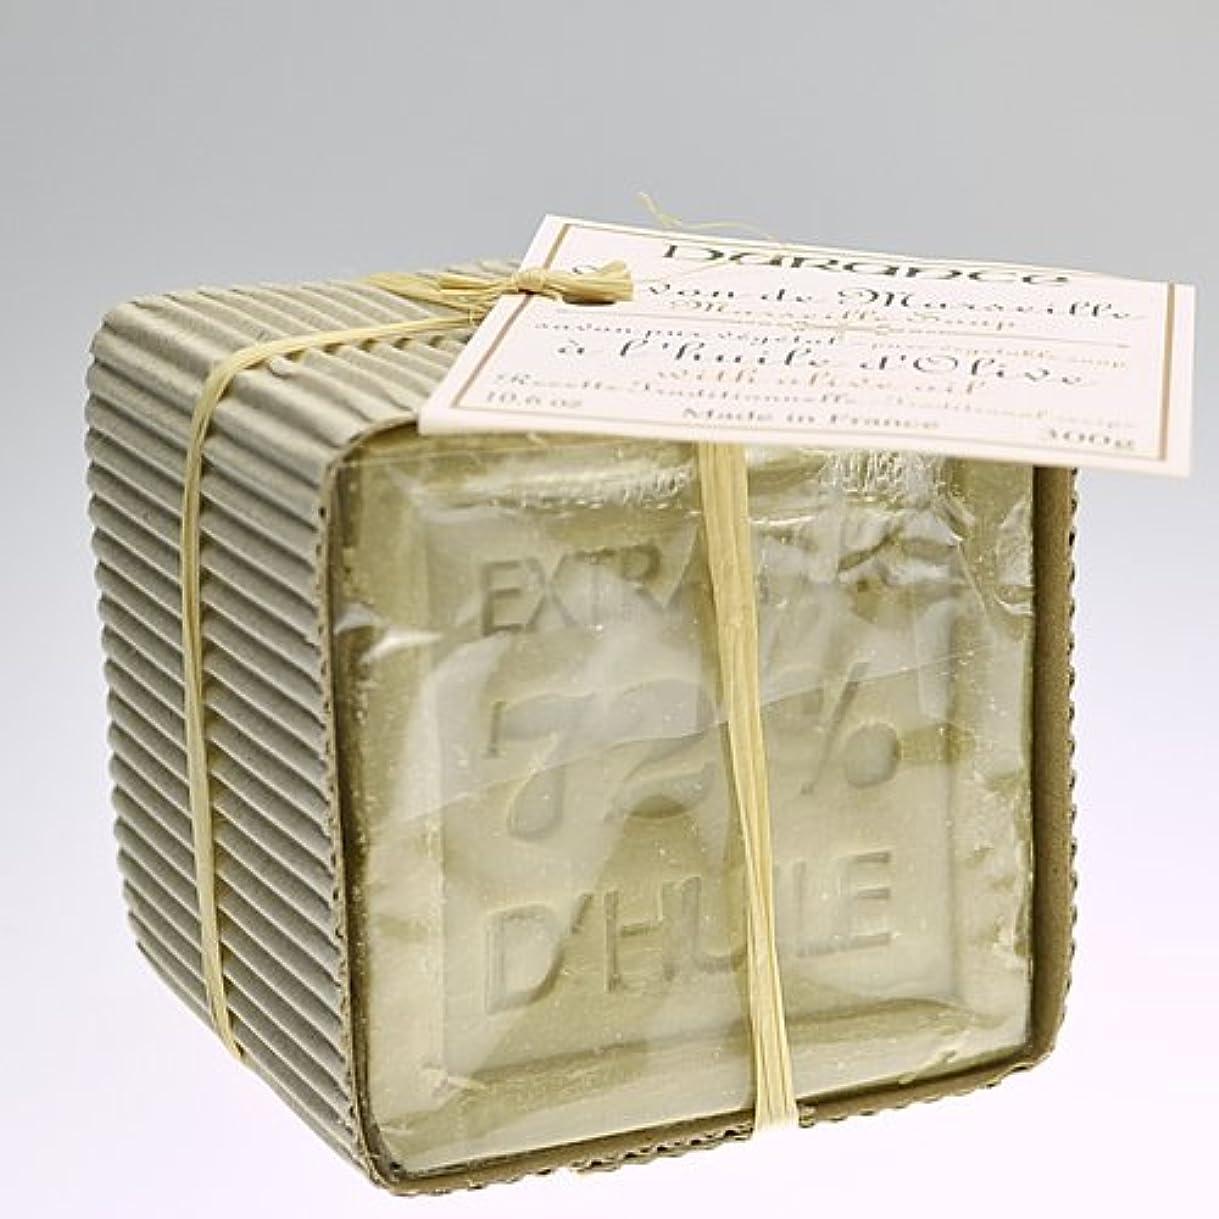 一元化する膨らみ法的DURANCE(デュランス) マルセイユソープ 300g 「オリーブ」 4994228008435